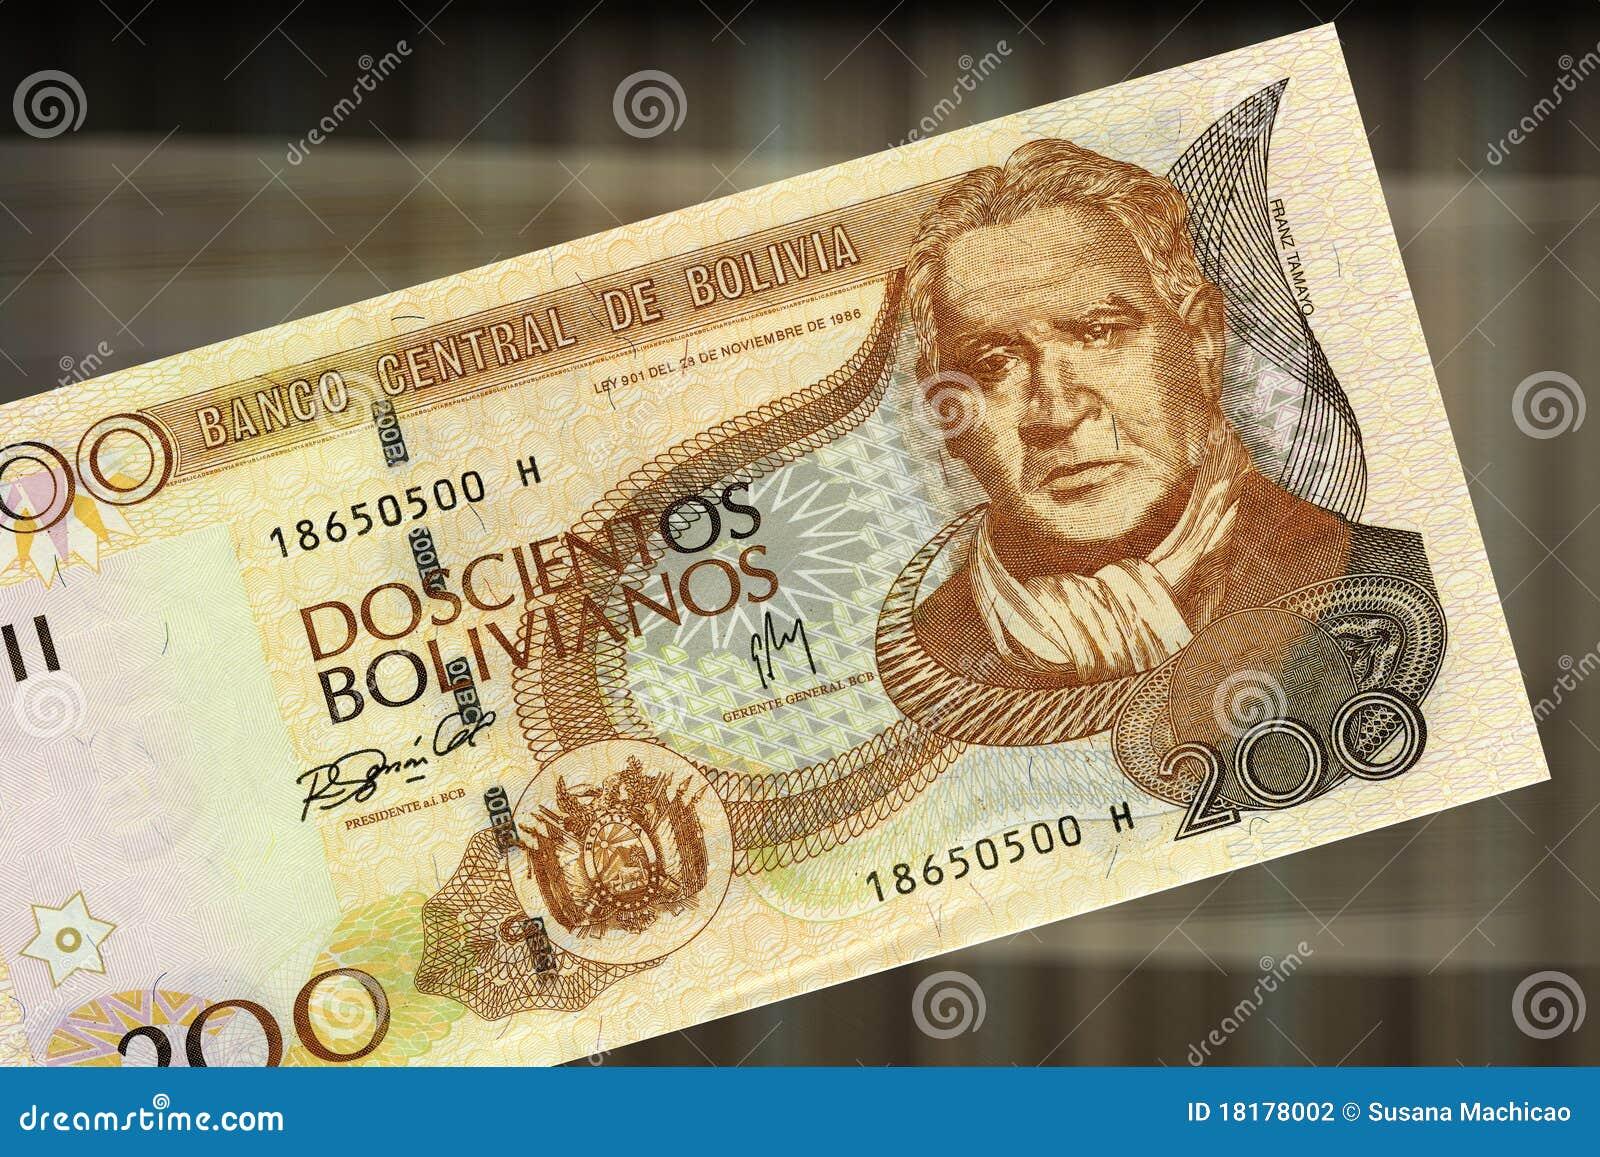 200 bolivianos